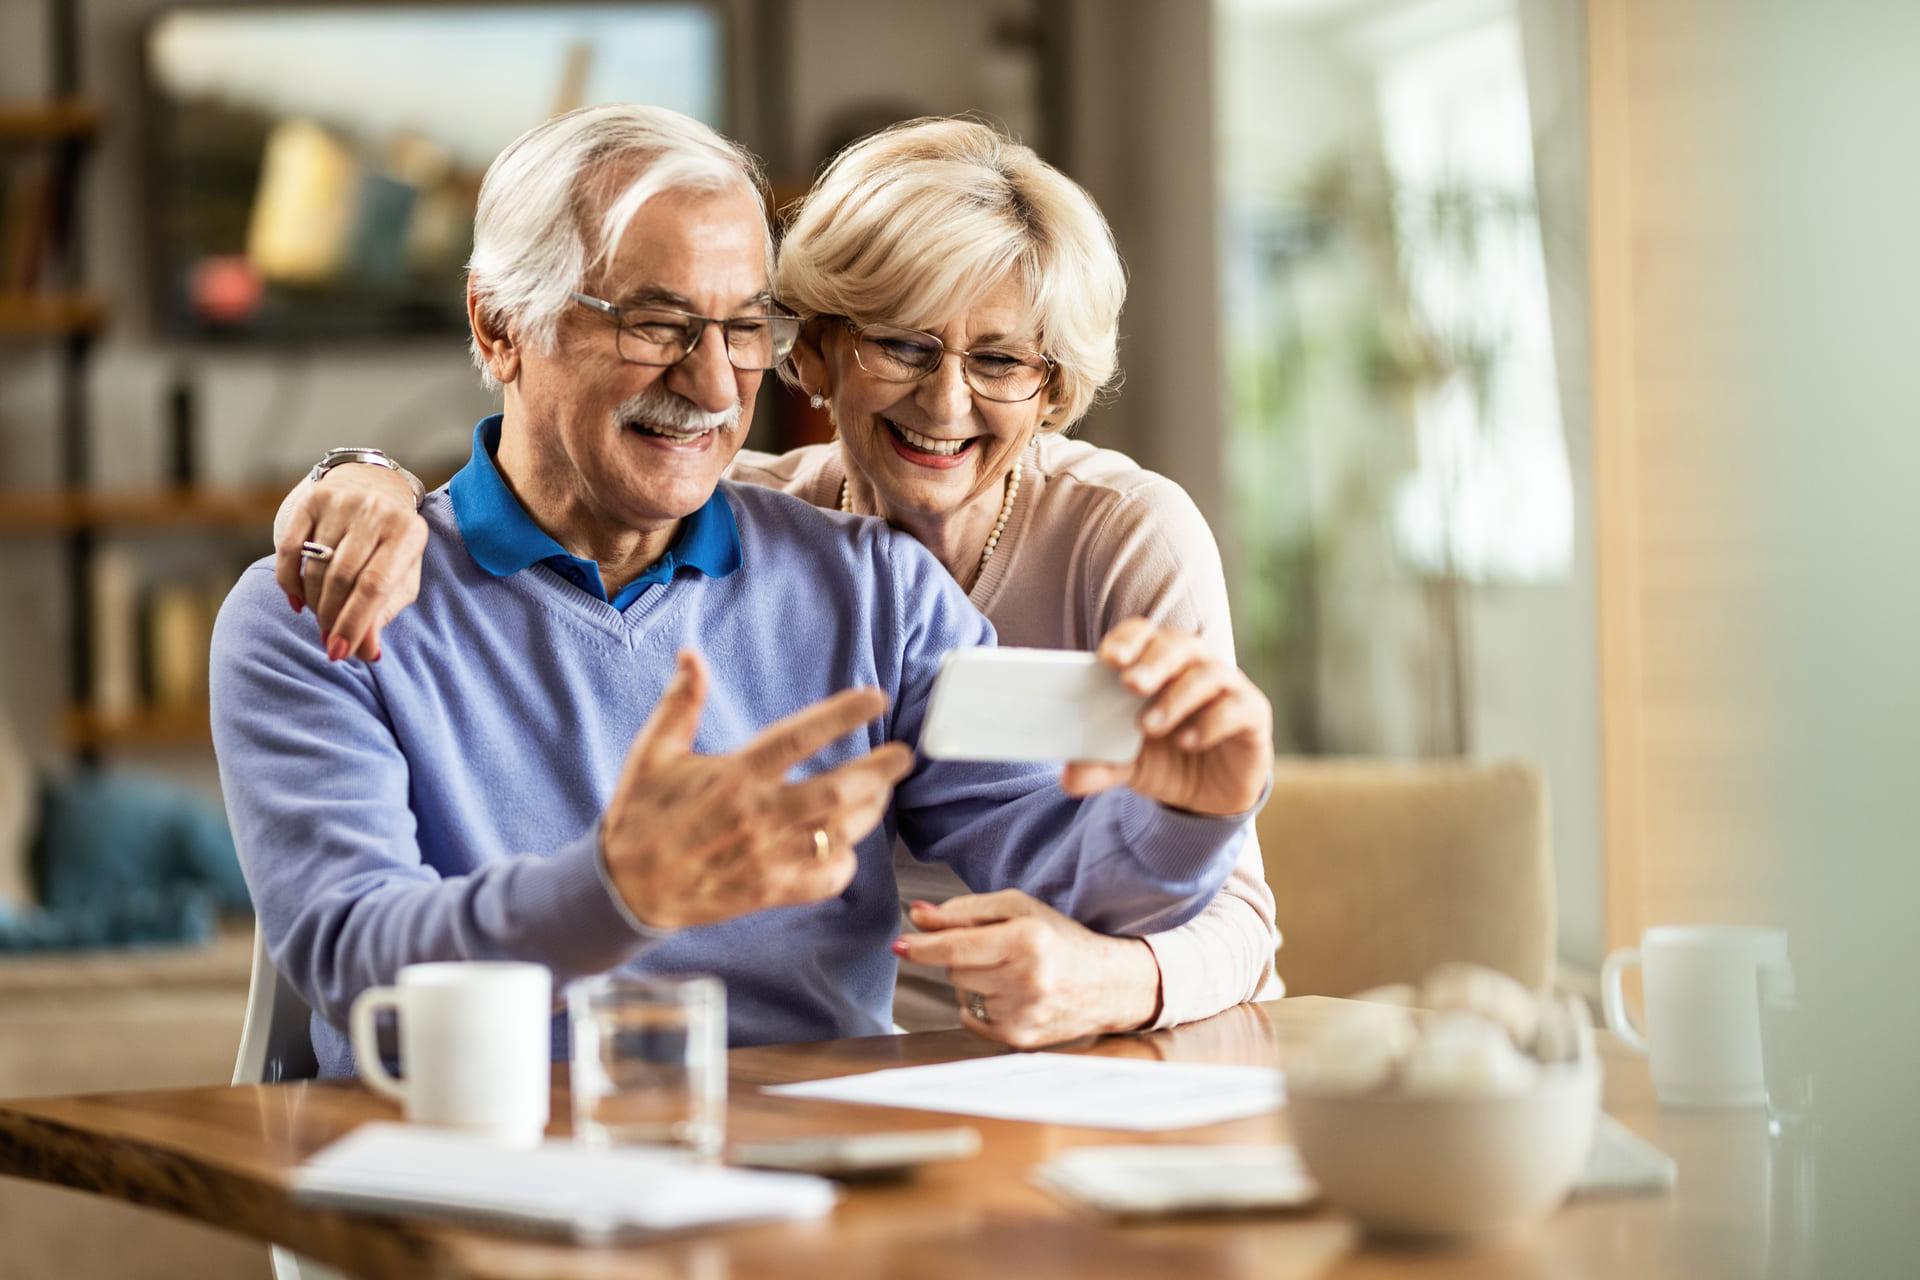 Älteres Ehepaar stehe am Tisch und schauen auf ein Handy